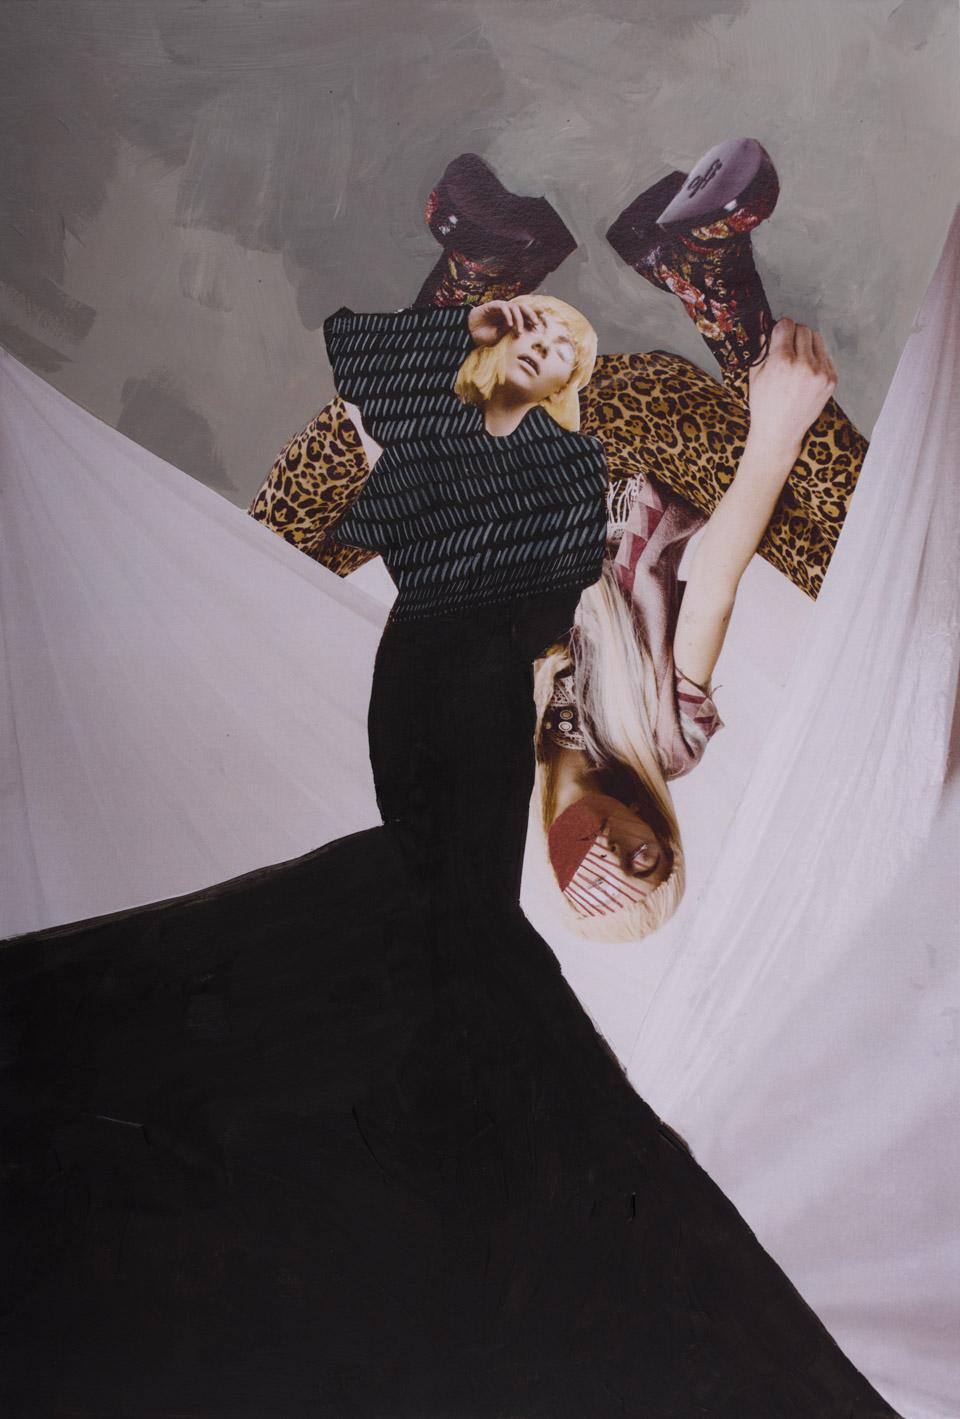 painted_woman19.jpg